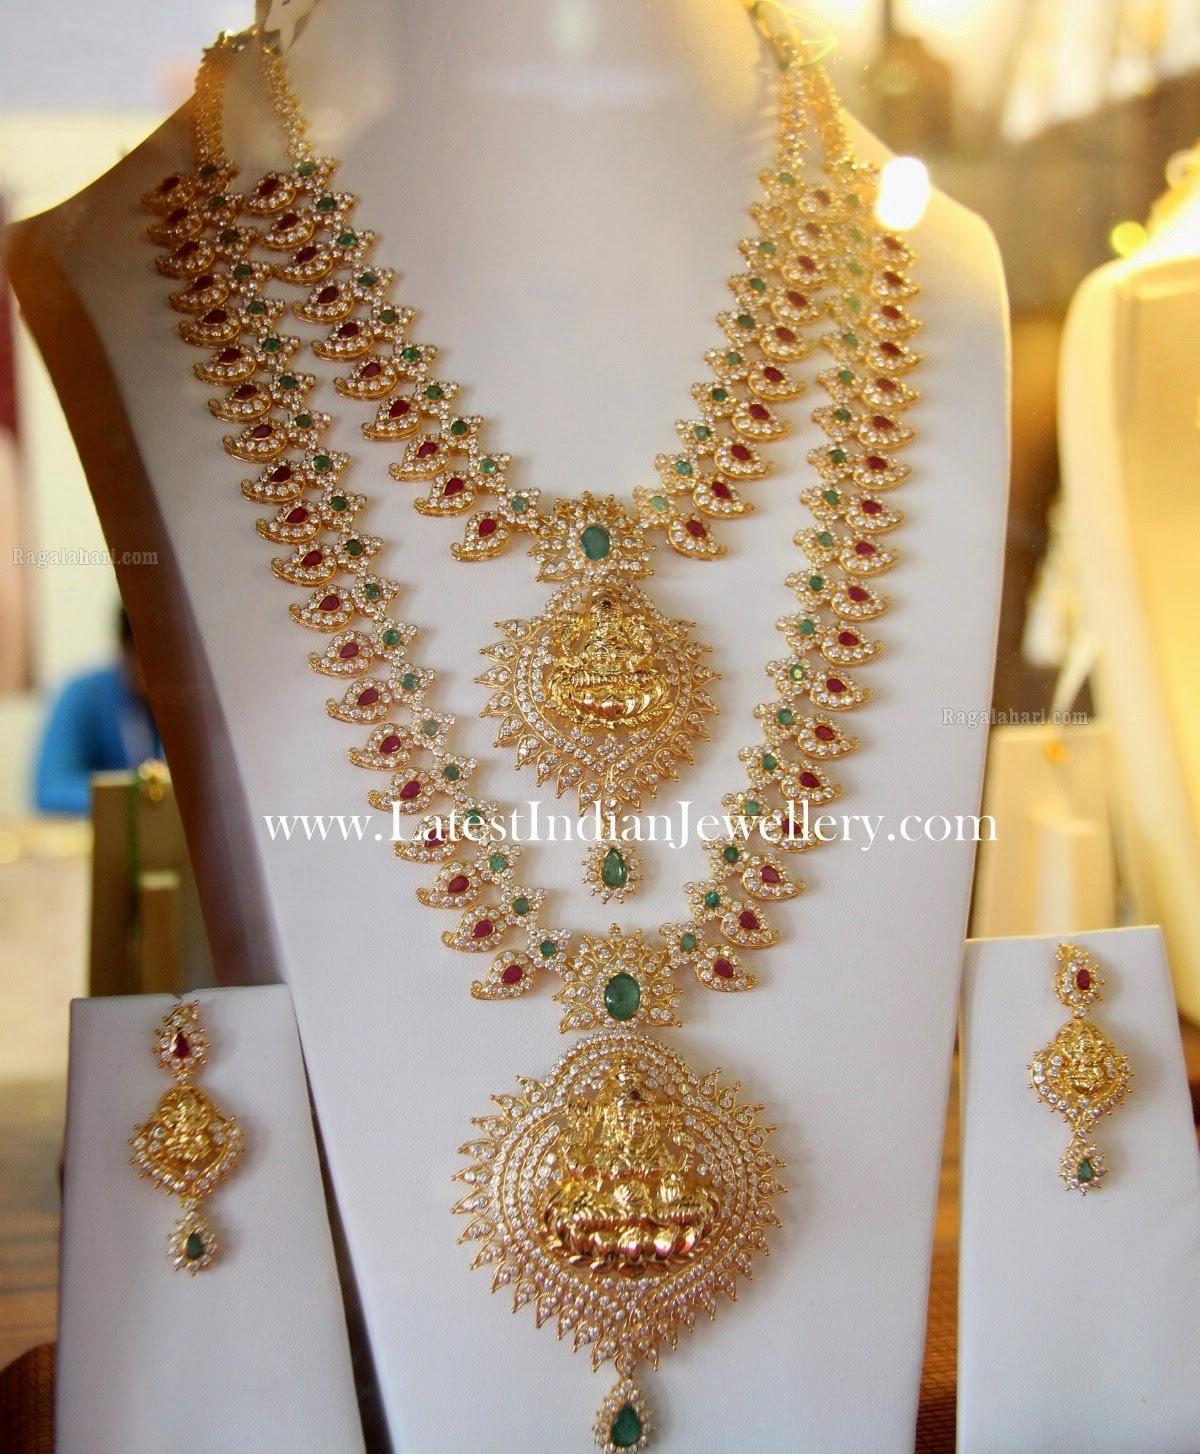 Mango Mala Necklace And Haram Set Latest Indian